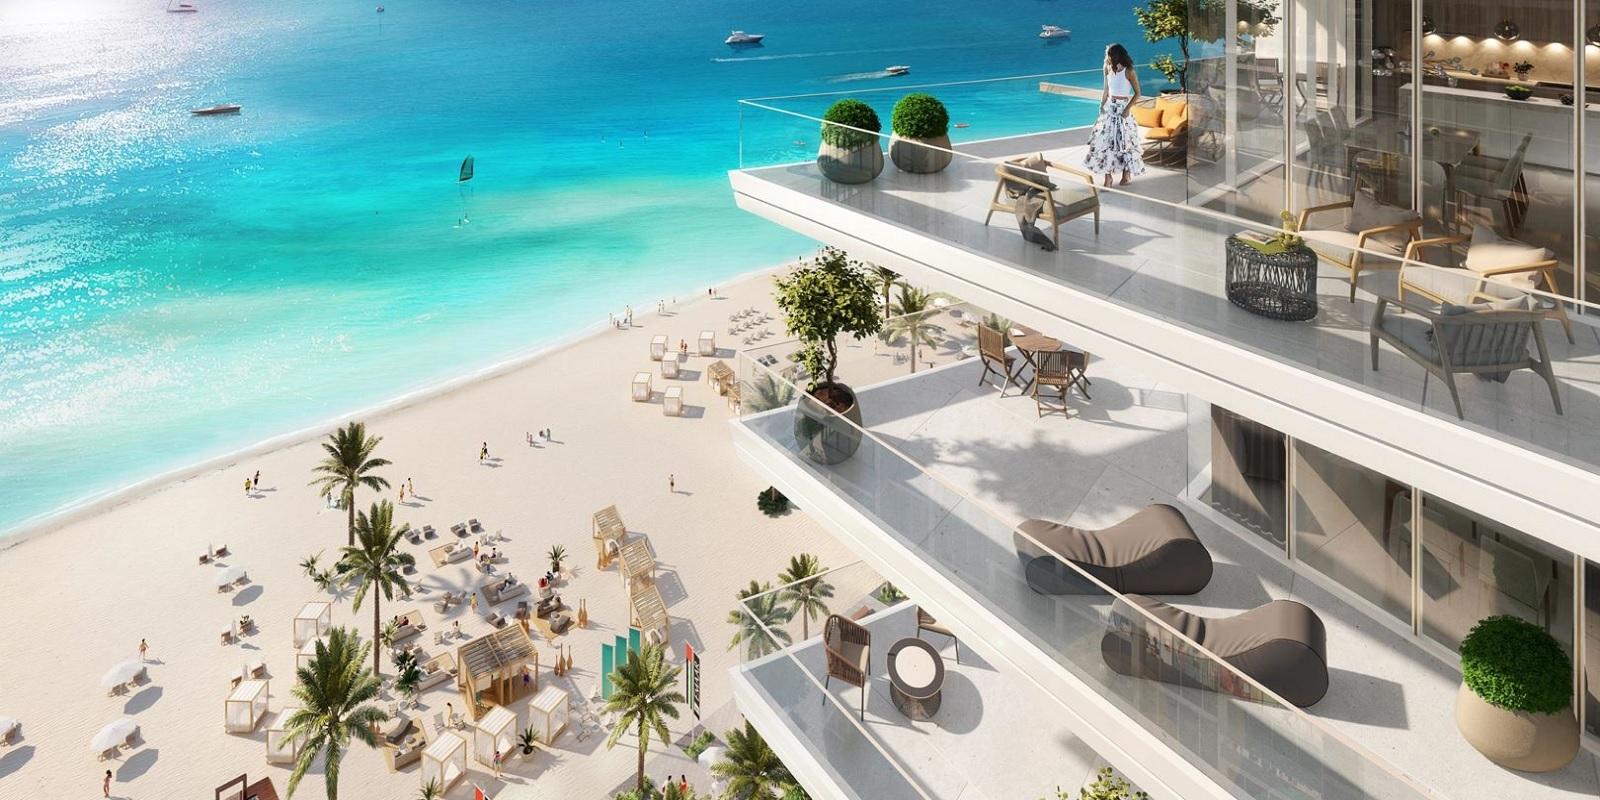 emaar beach vista project amenities features7